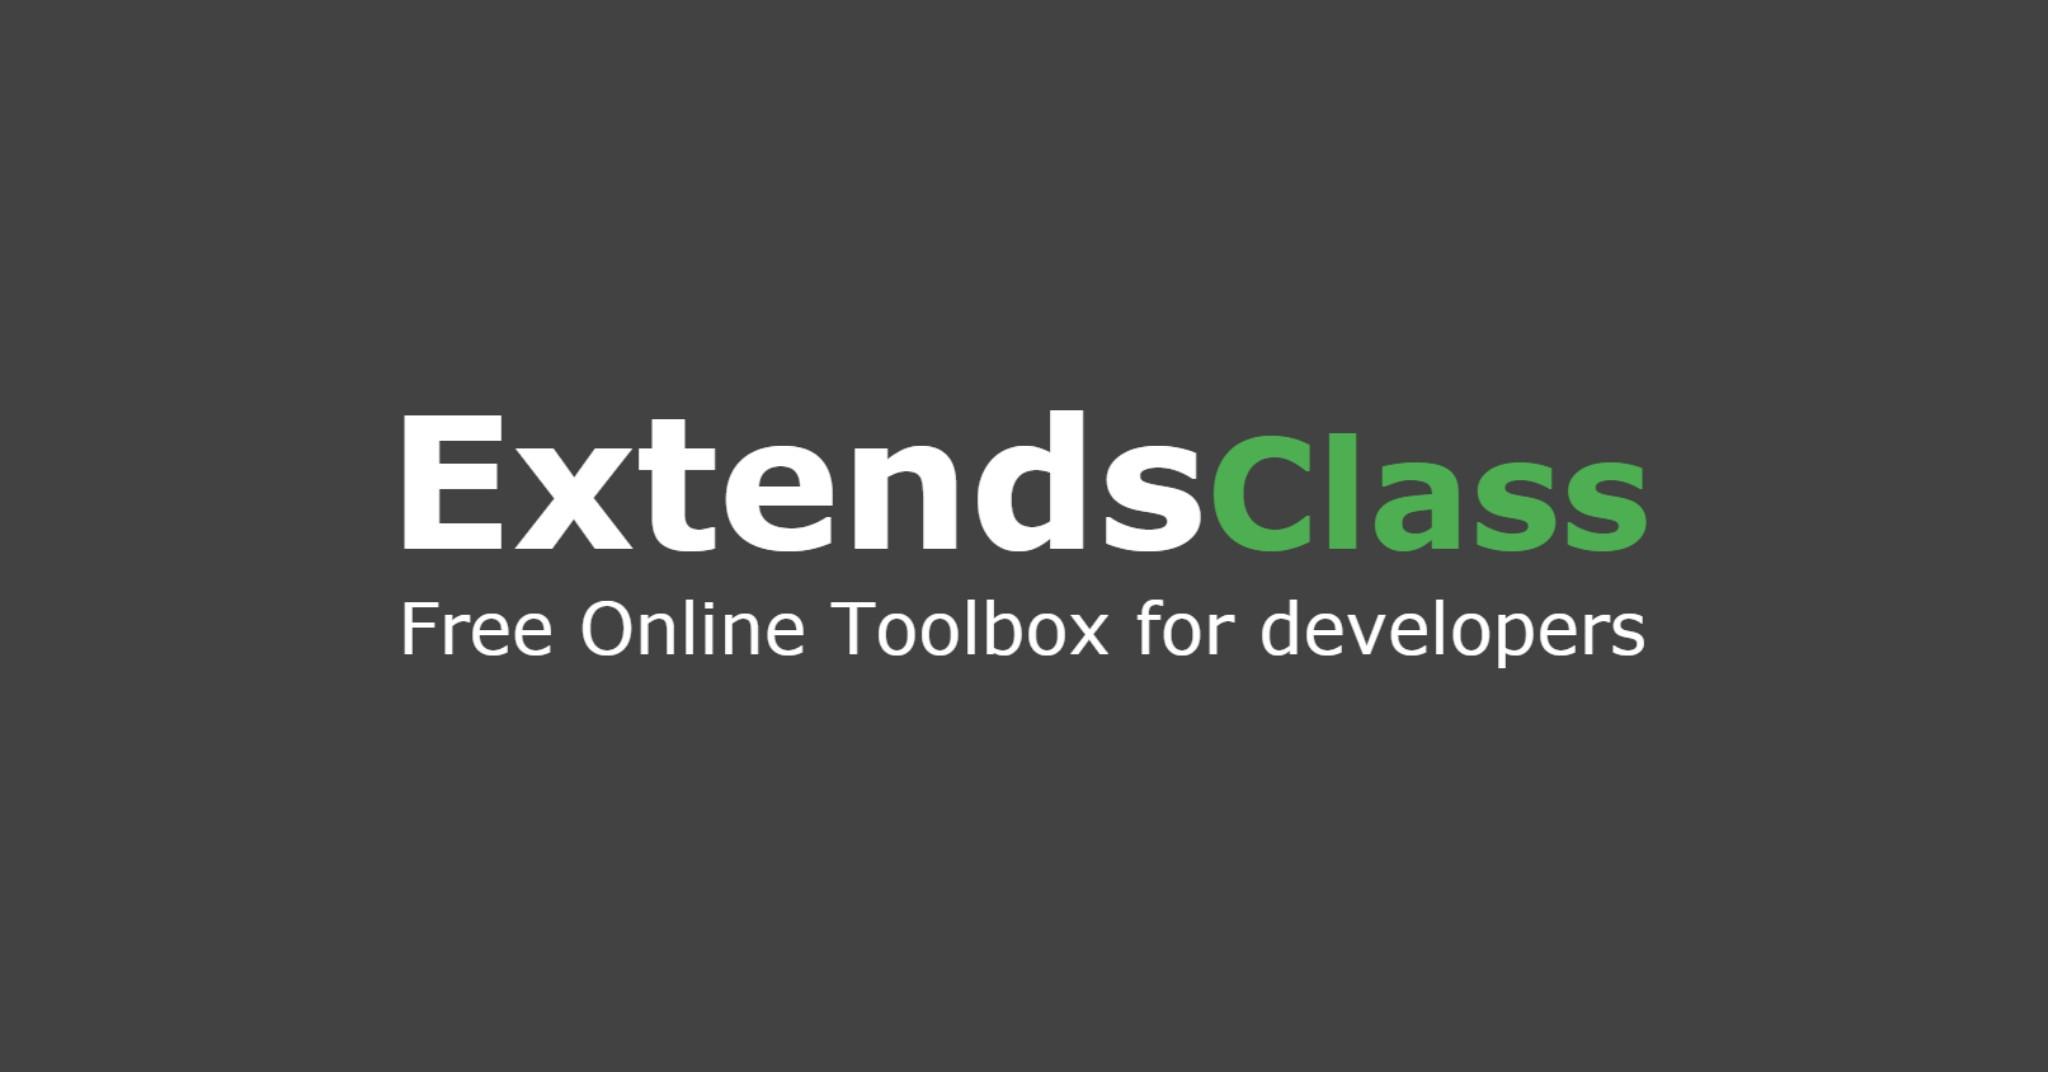 ExtendsClass